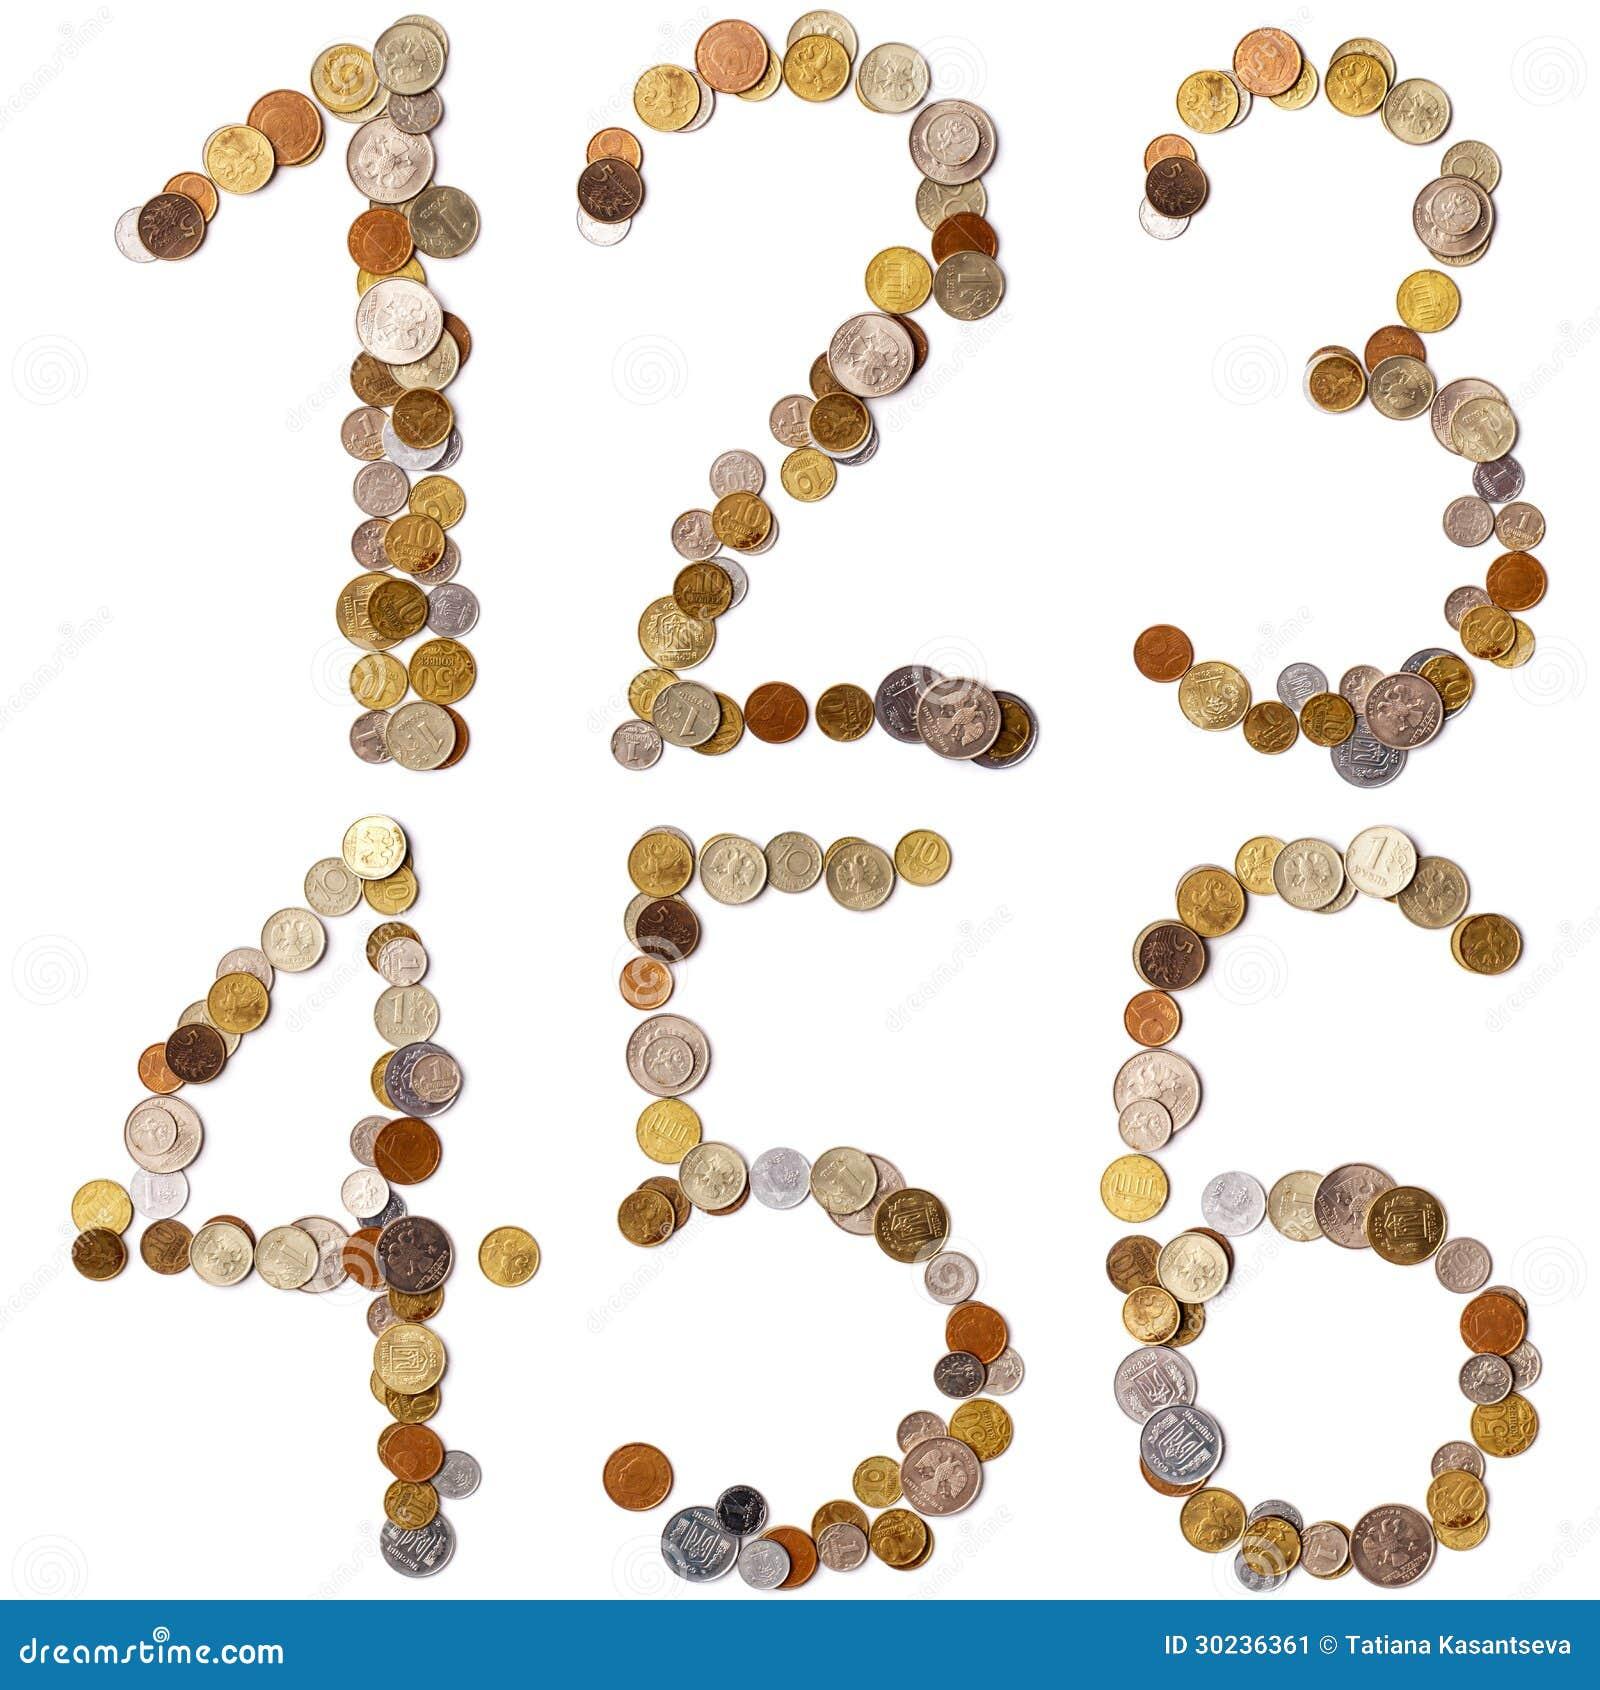 1 2 3 4 5 6 Lettres D Alphabet Des Pieces De Monnaie Image Stock Image Du Monnaie Pieces 30236361